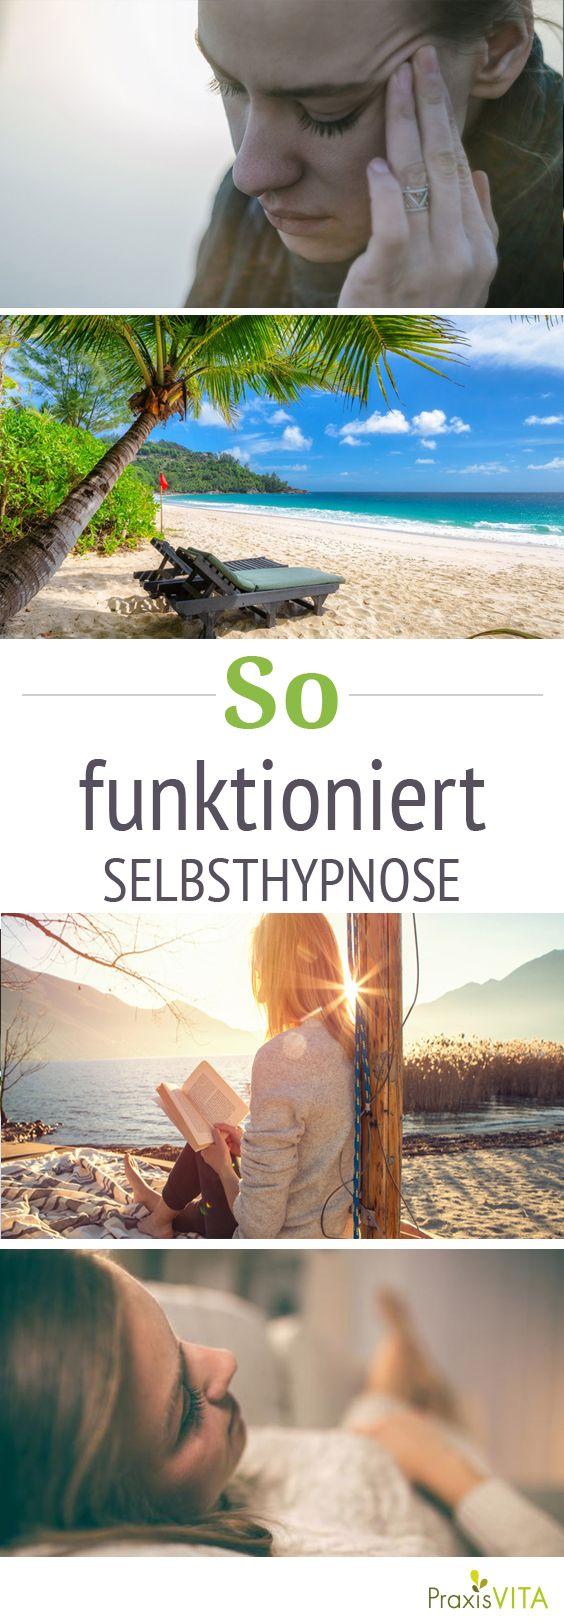 Dank der alten Entspannungsmethode der Selbythypnose lassen sich Belastungen, Ängste und sogar Krankheiten besser bewältigen. Der Vorteil: Du brauchst dazu keinen Lehrer.